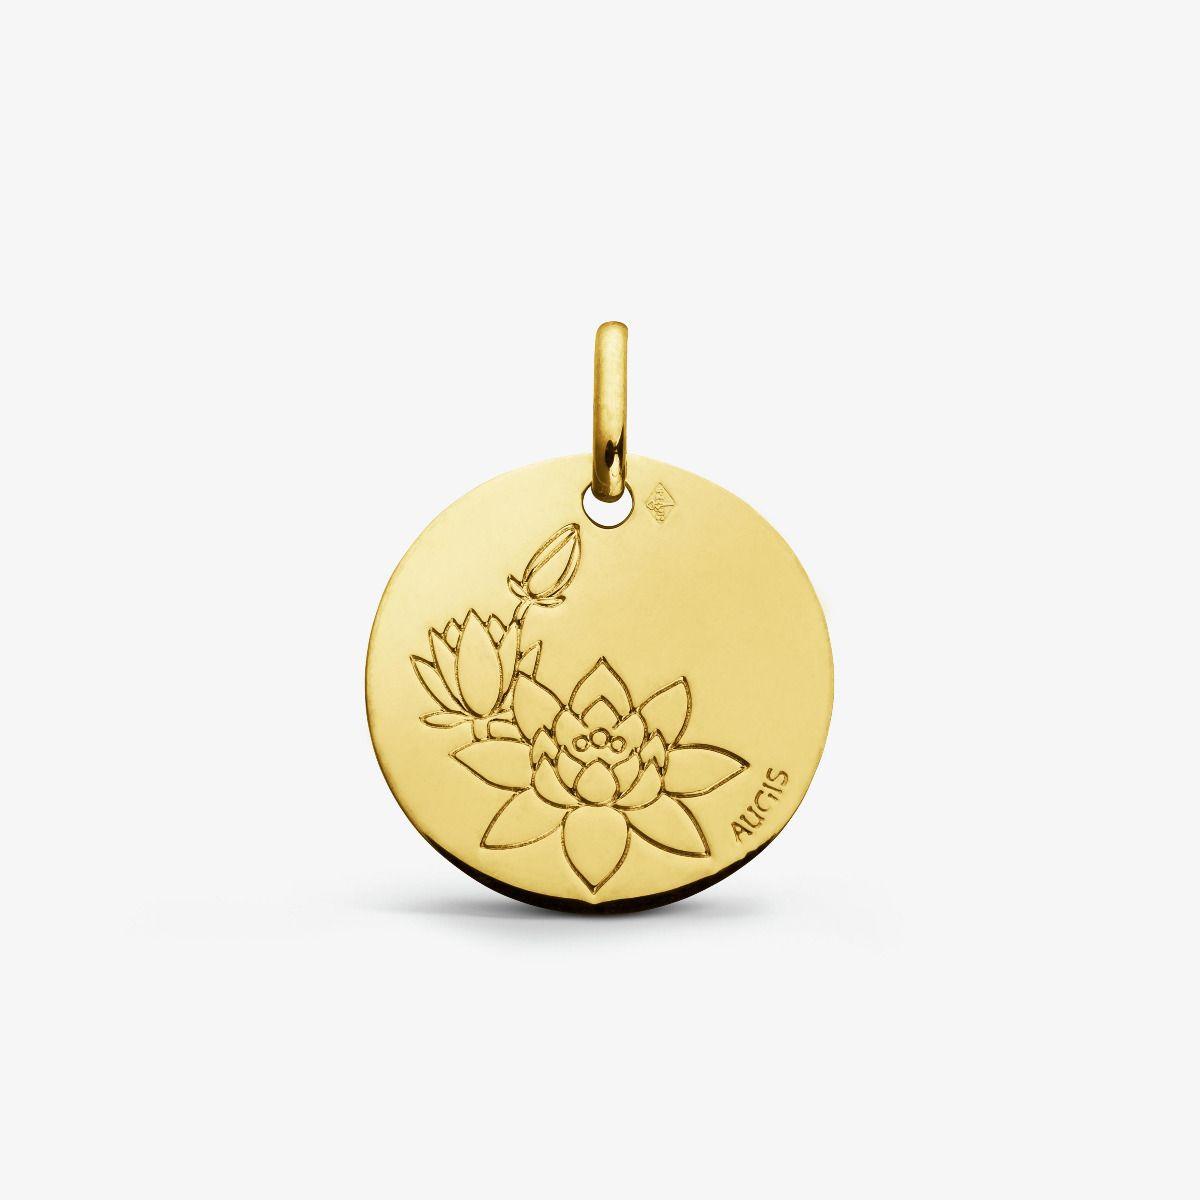 Médaille Fleur de Lotus Or Jaune 18 carats - 16 mm